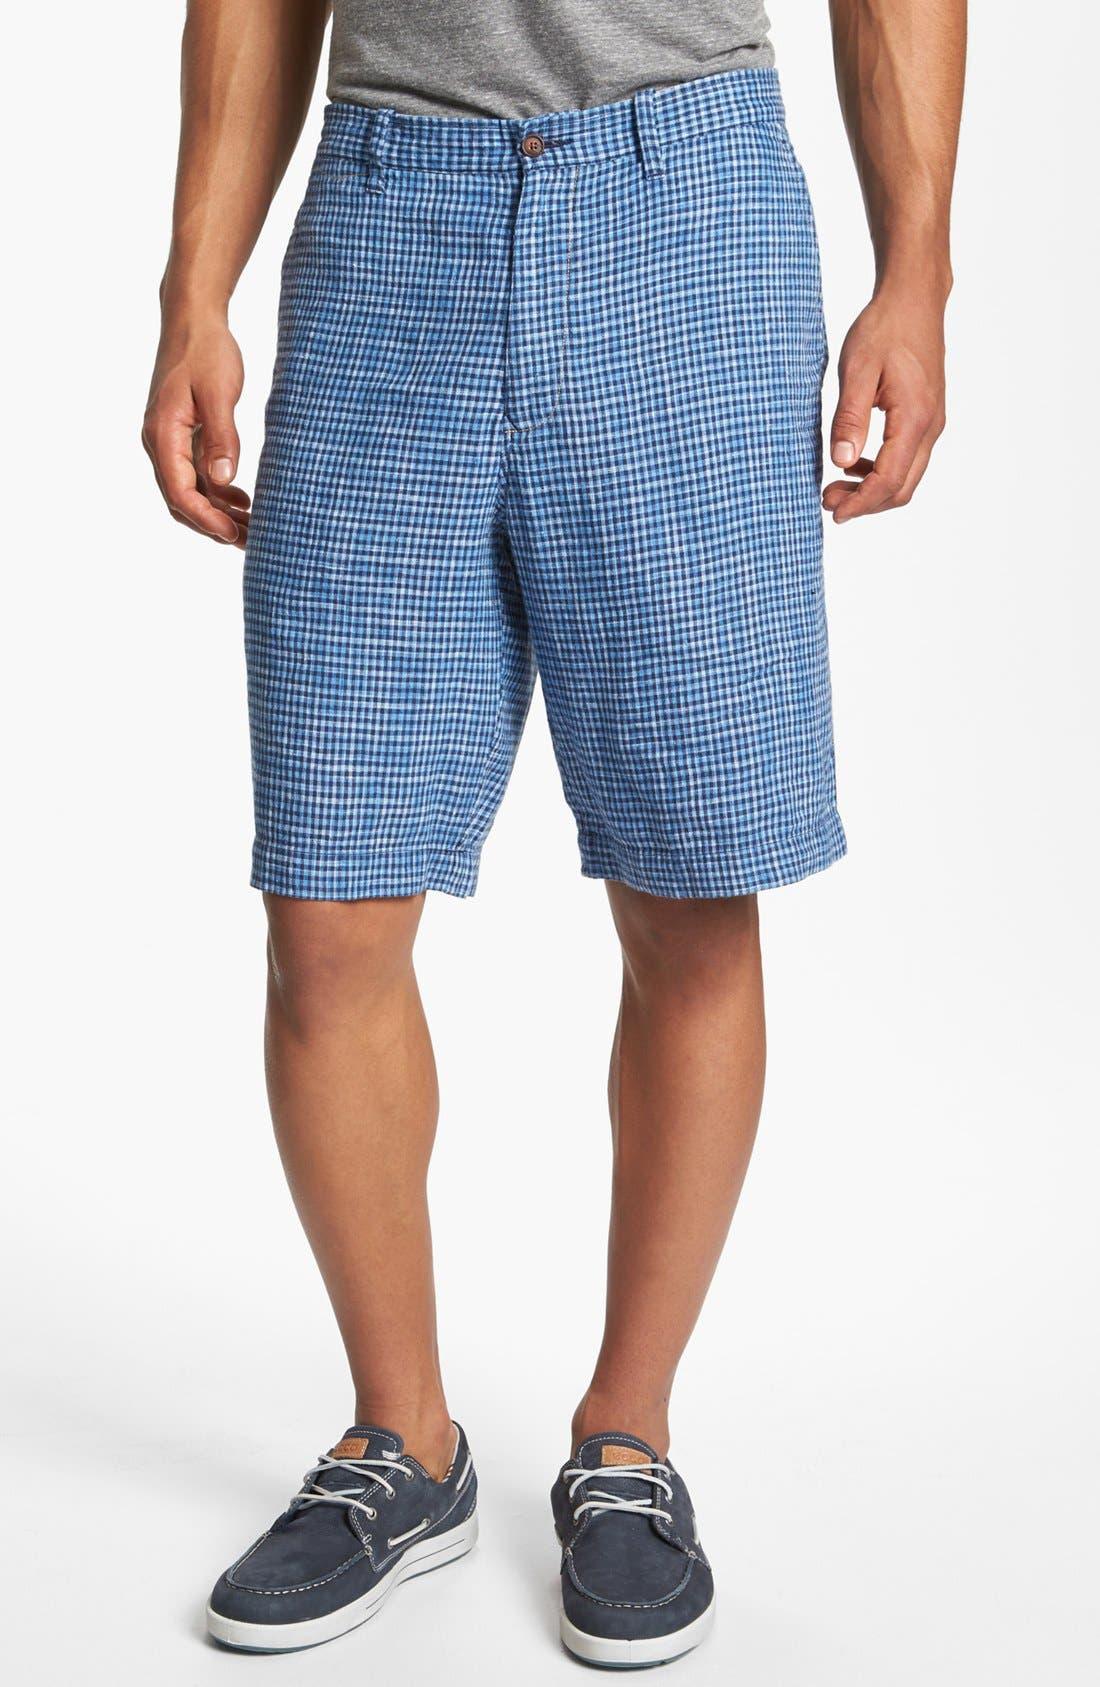 Alternate Image 1 Selected - Tommy Bahama 'Checka Colada' Shorts